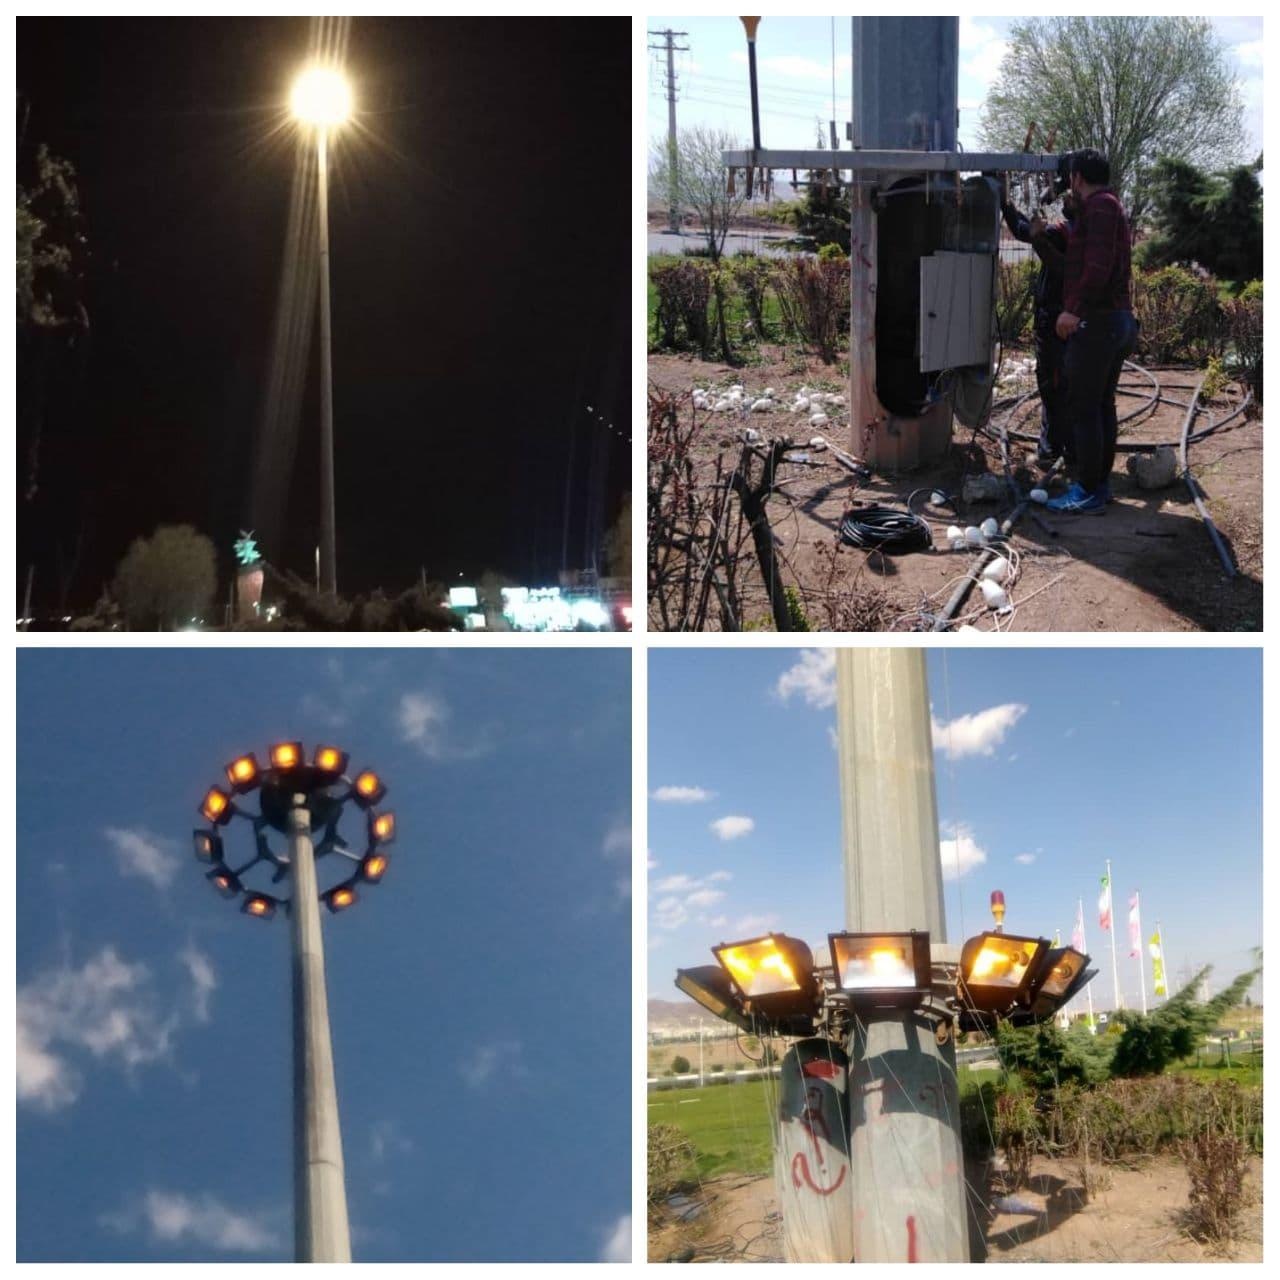 اهتمام مدیریت شهری پرند برای بهبود کیفیت روشنایی سطح شهر